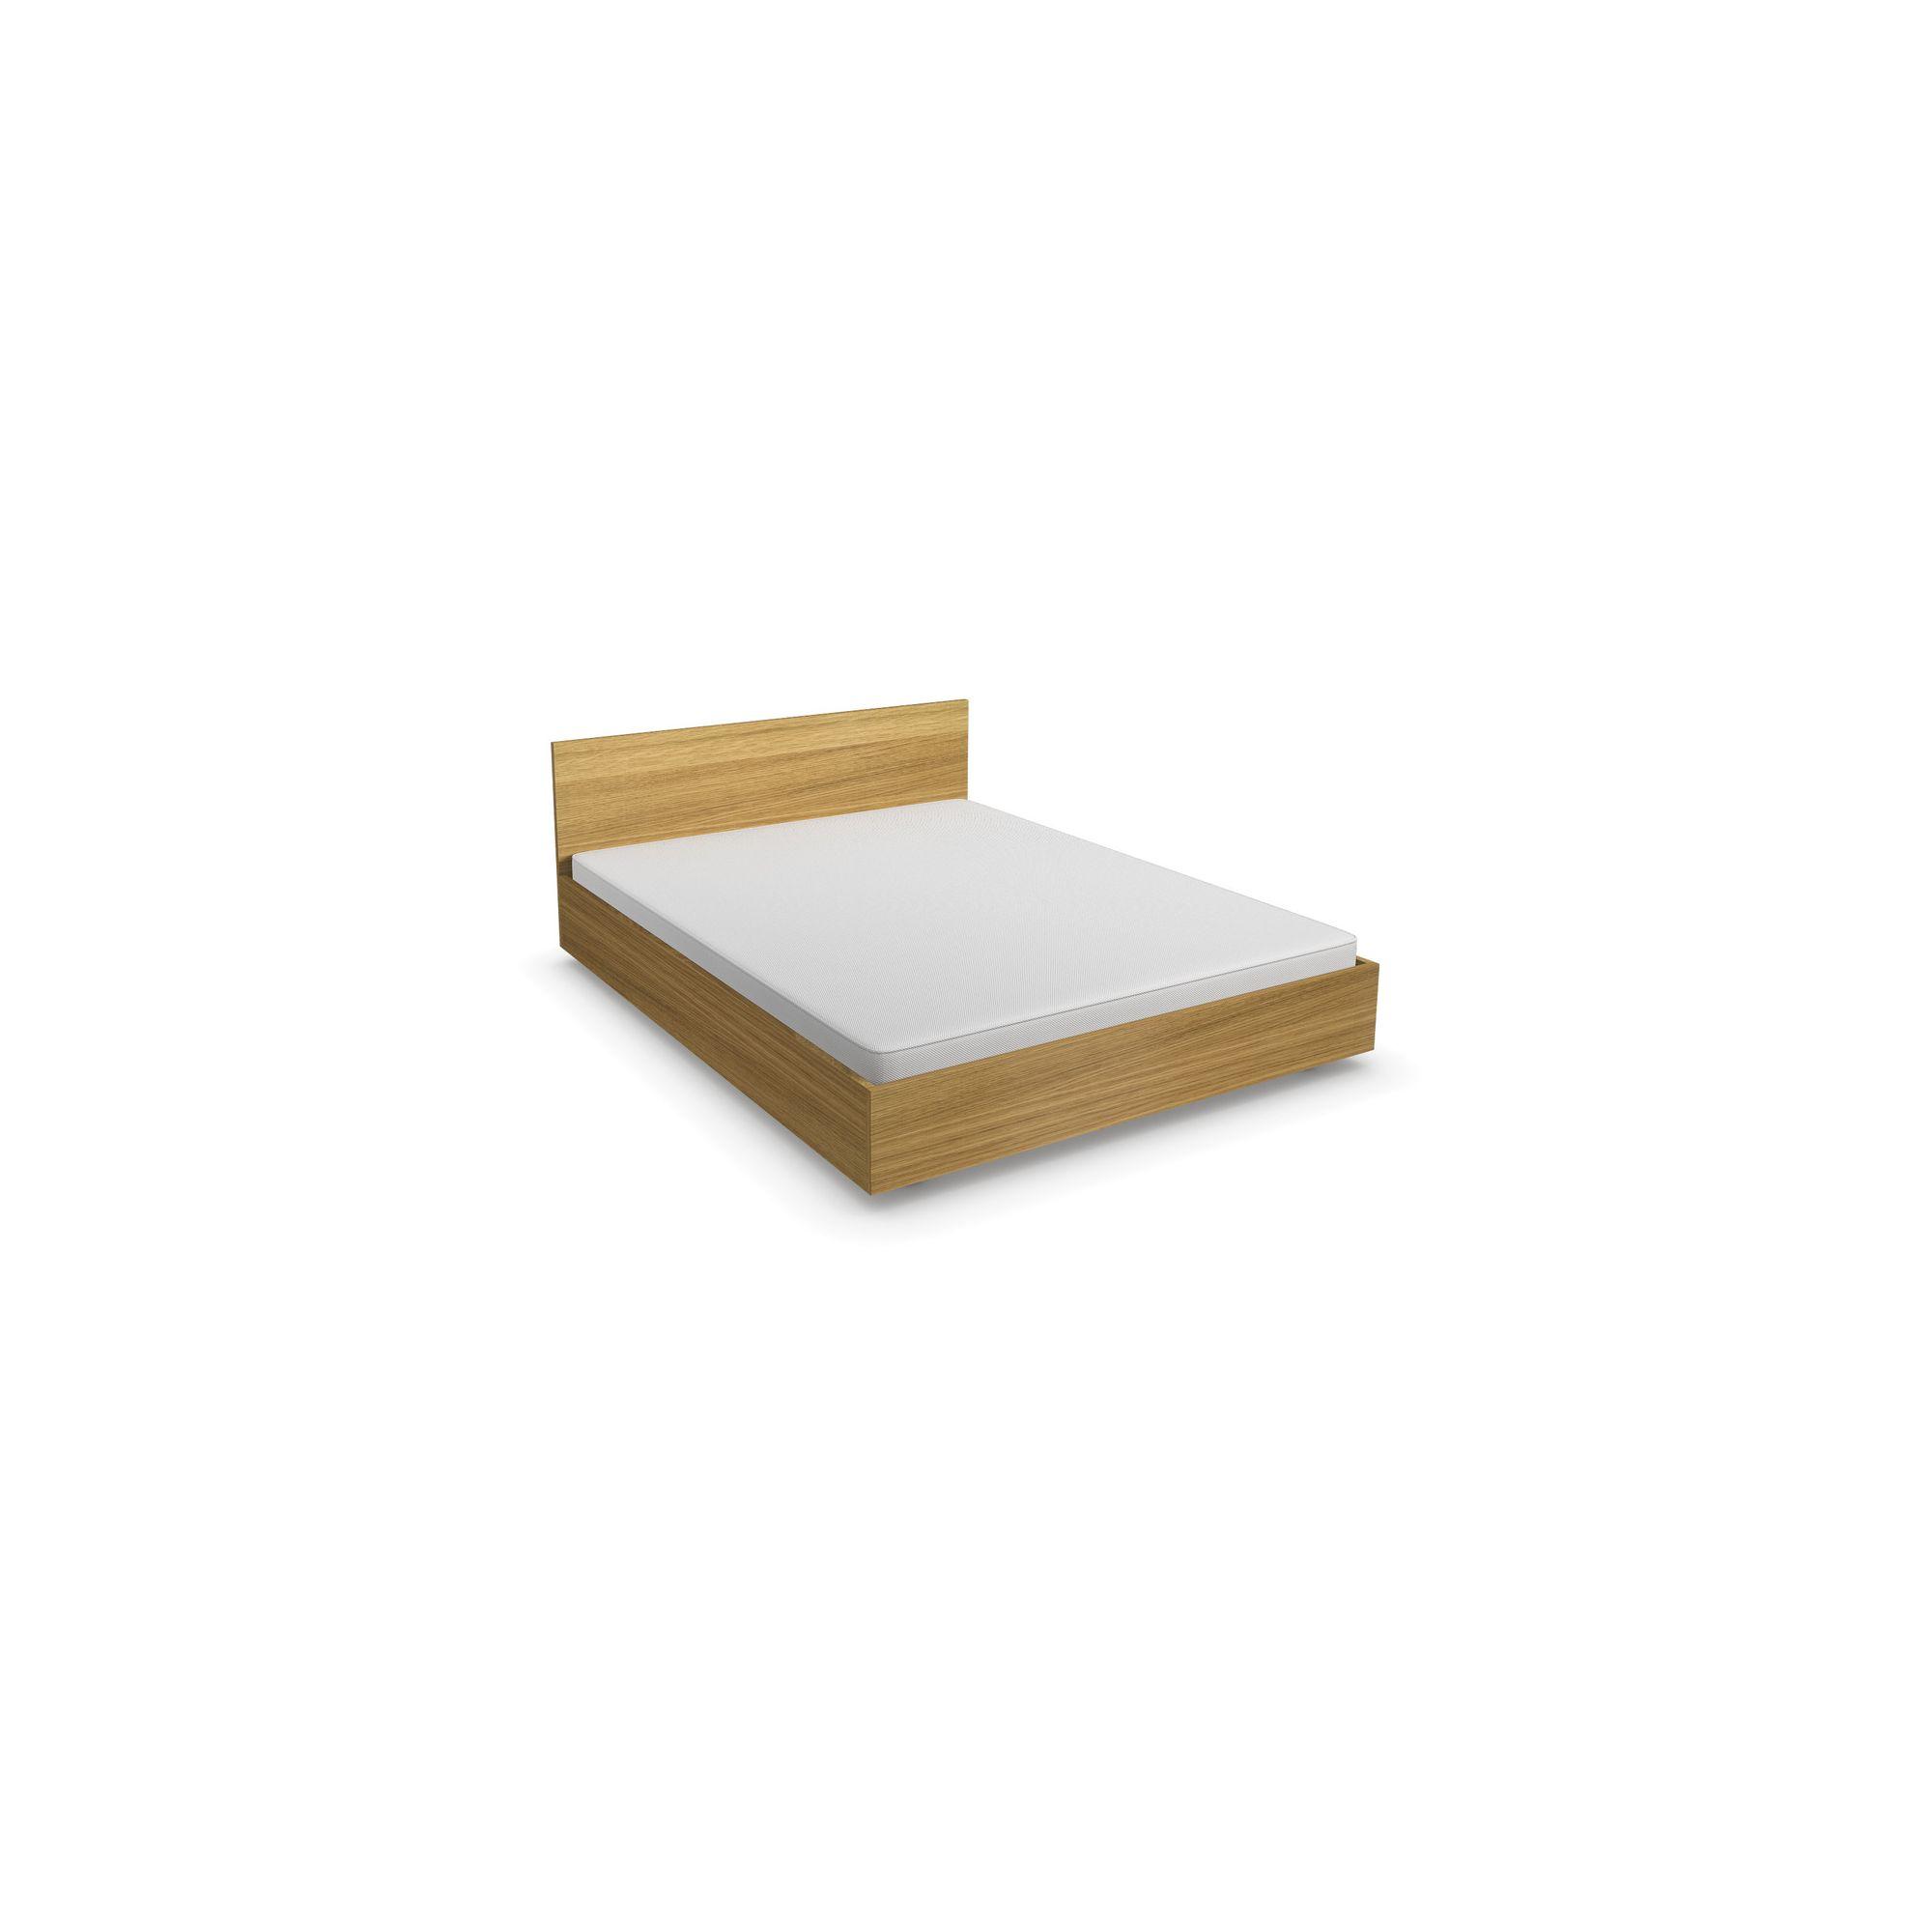 Urbane Designs Hadlee Bed Frame - King - Oak at Tescos Direct